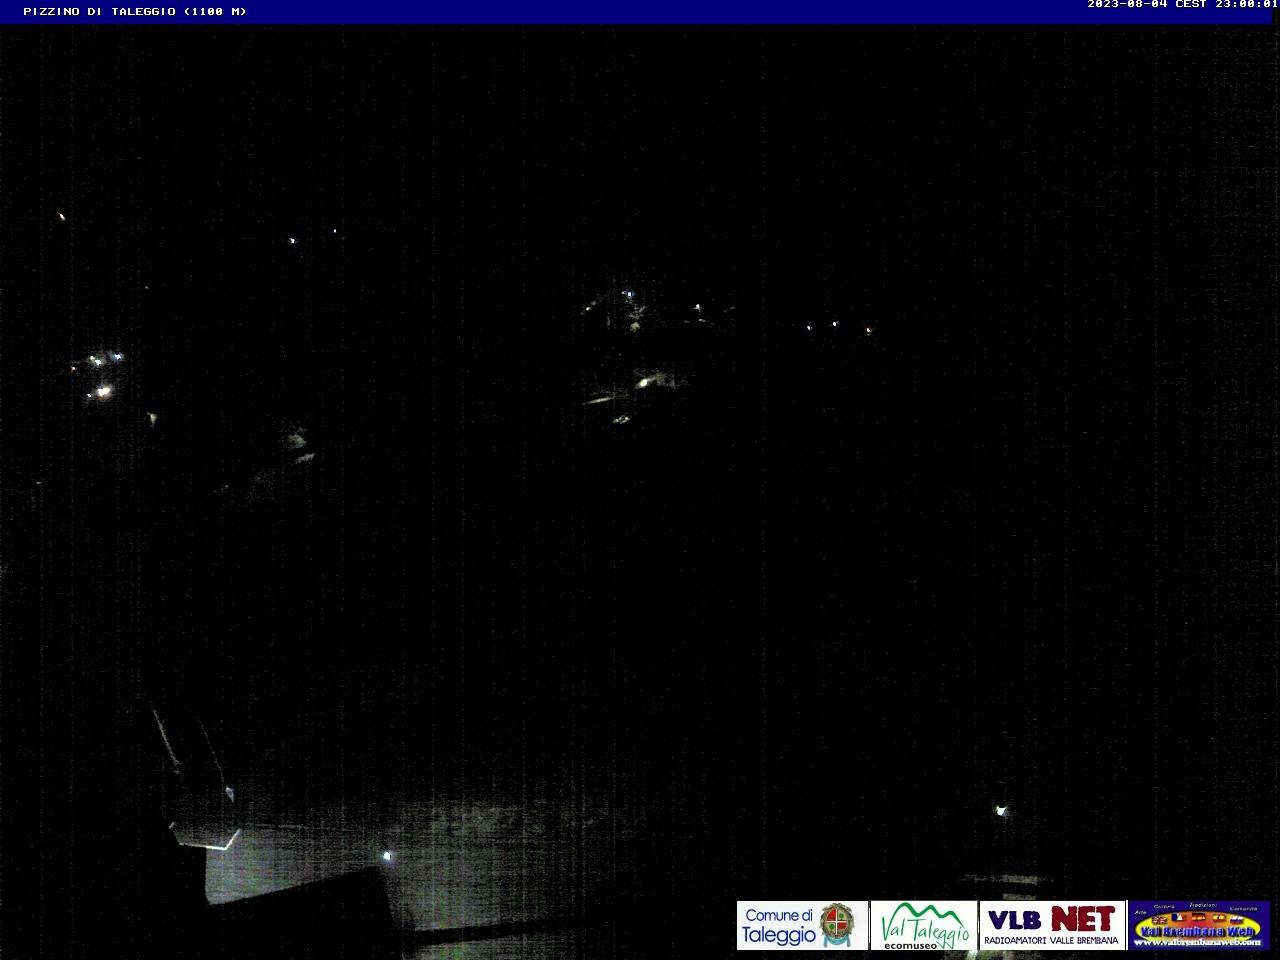 Clicca sull'immagine per visualizzare la webcam in risoluzione 1280x960